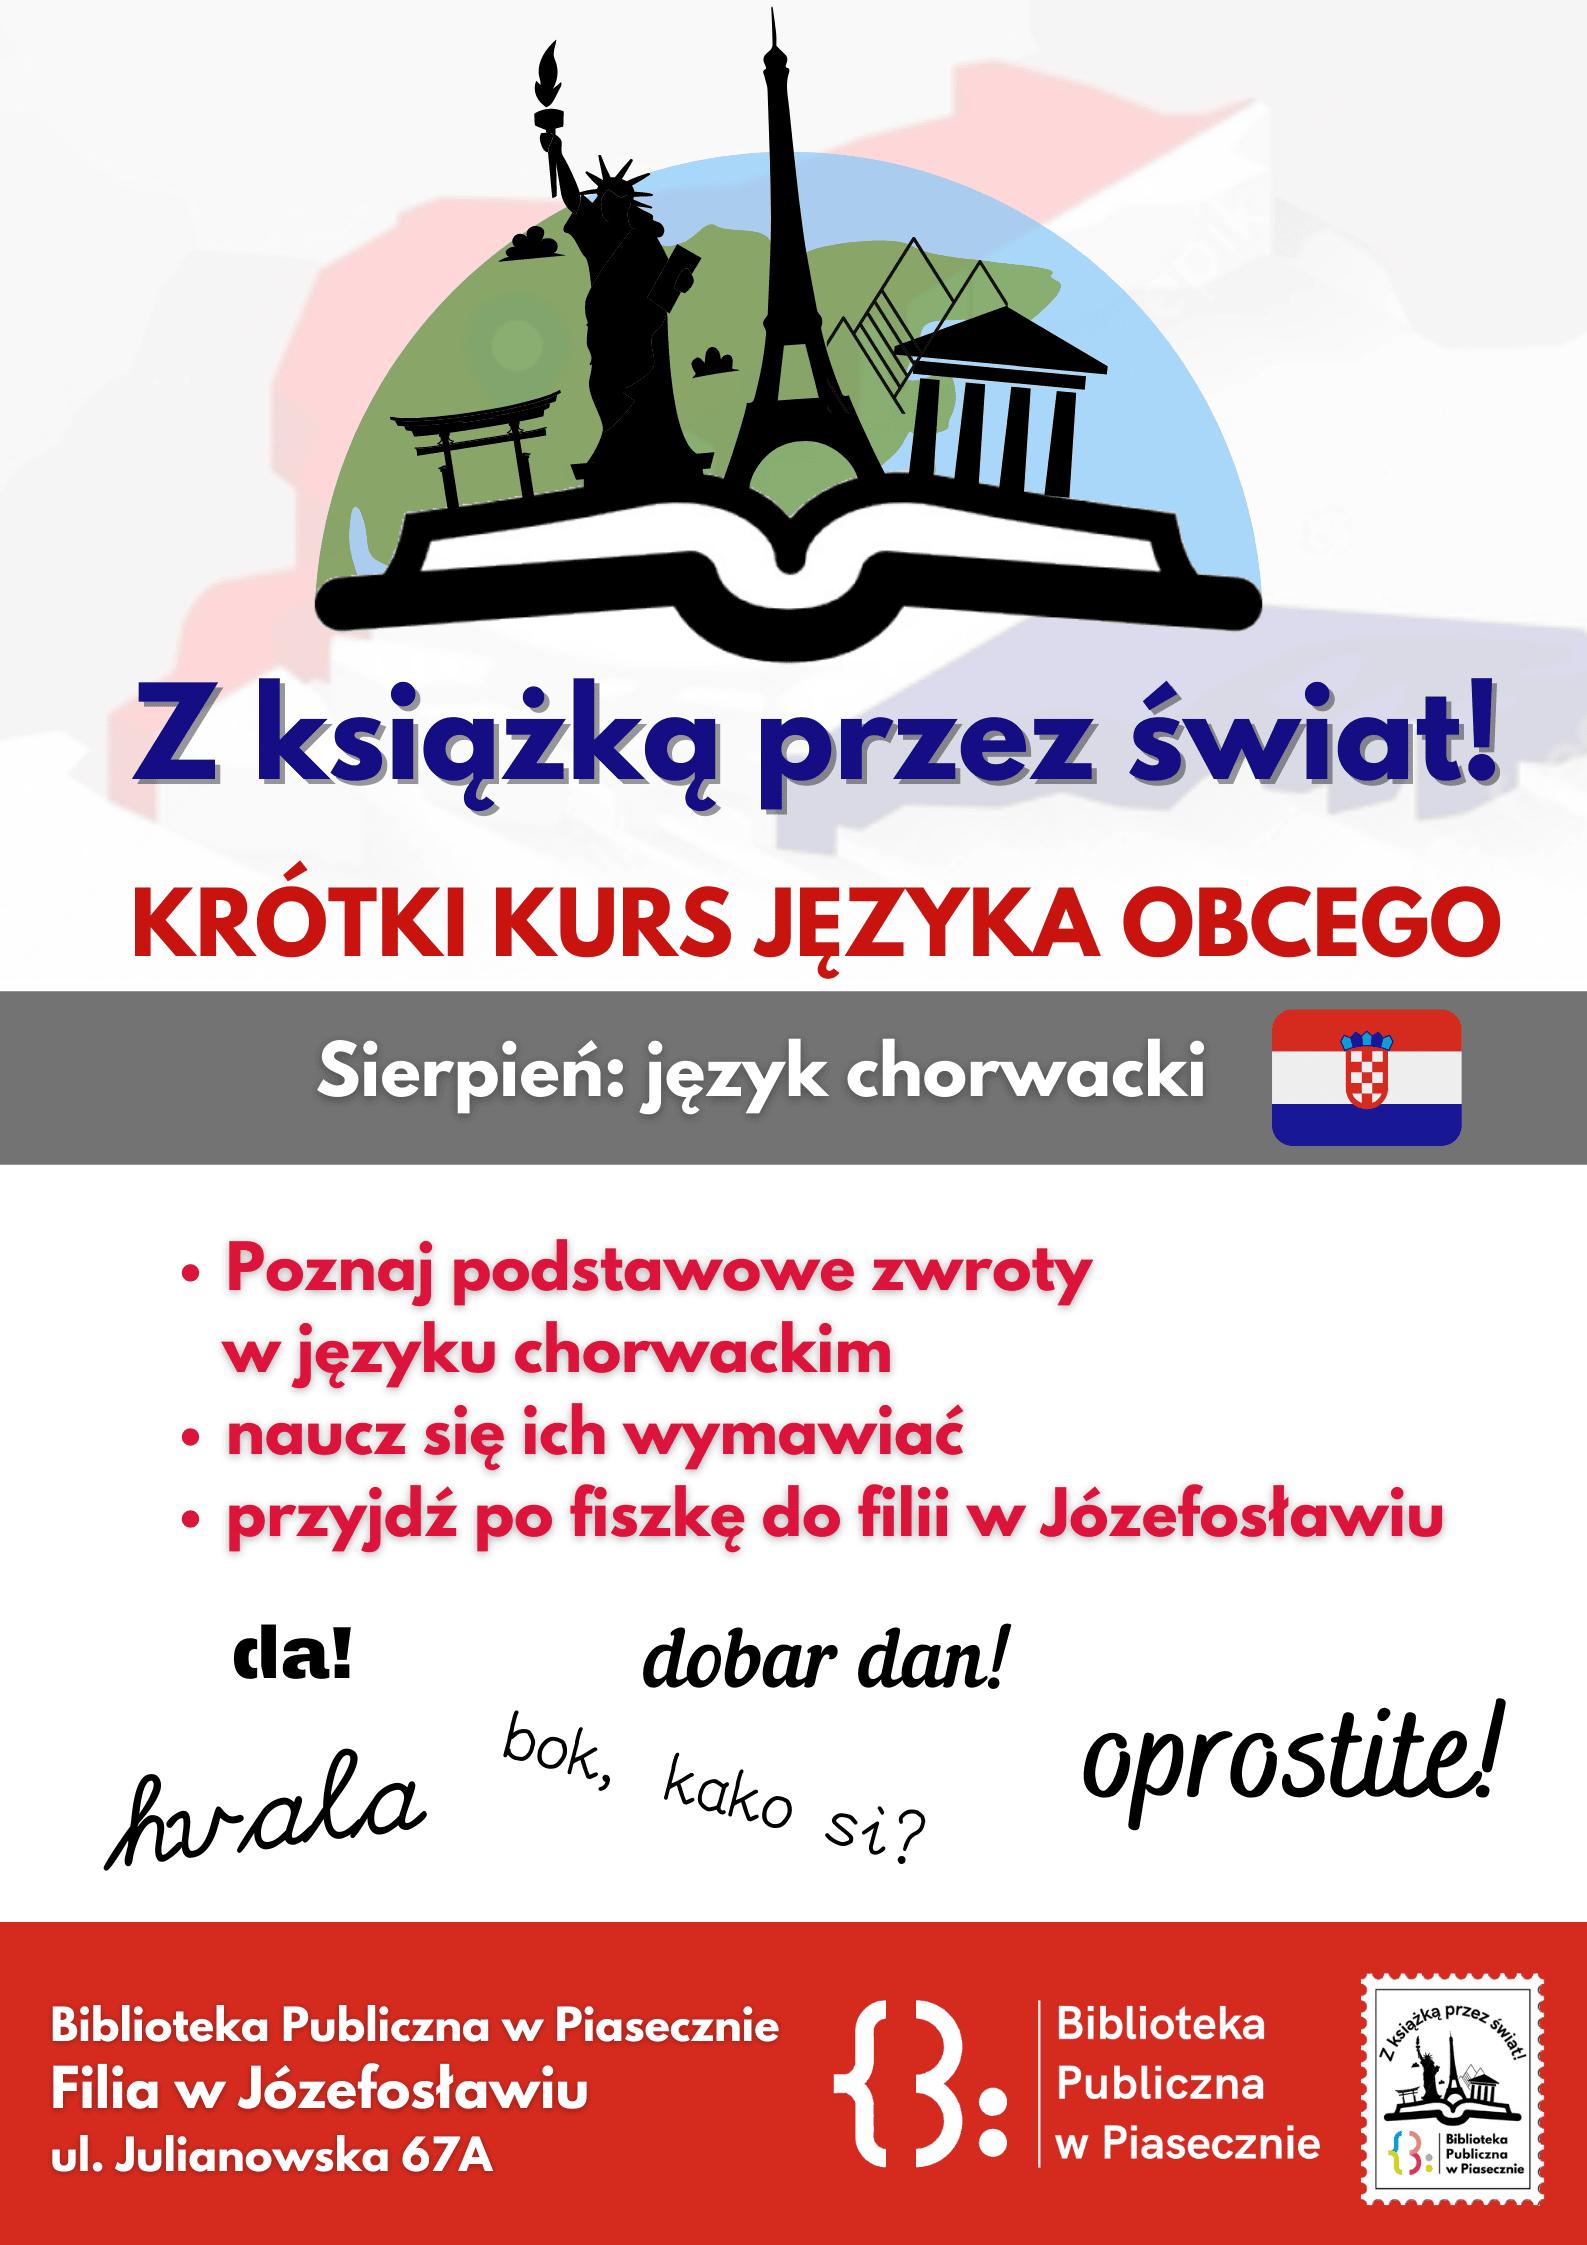 Plakat promujący akcję Krótki kurs języka obcego